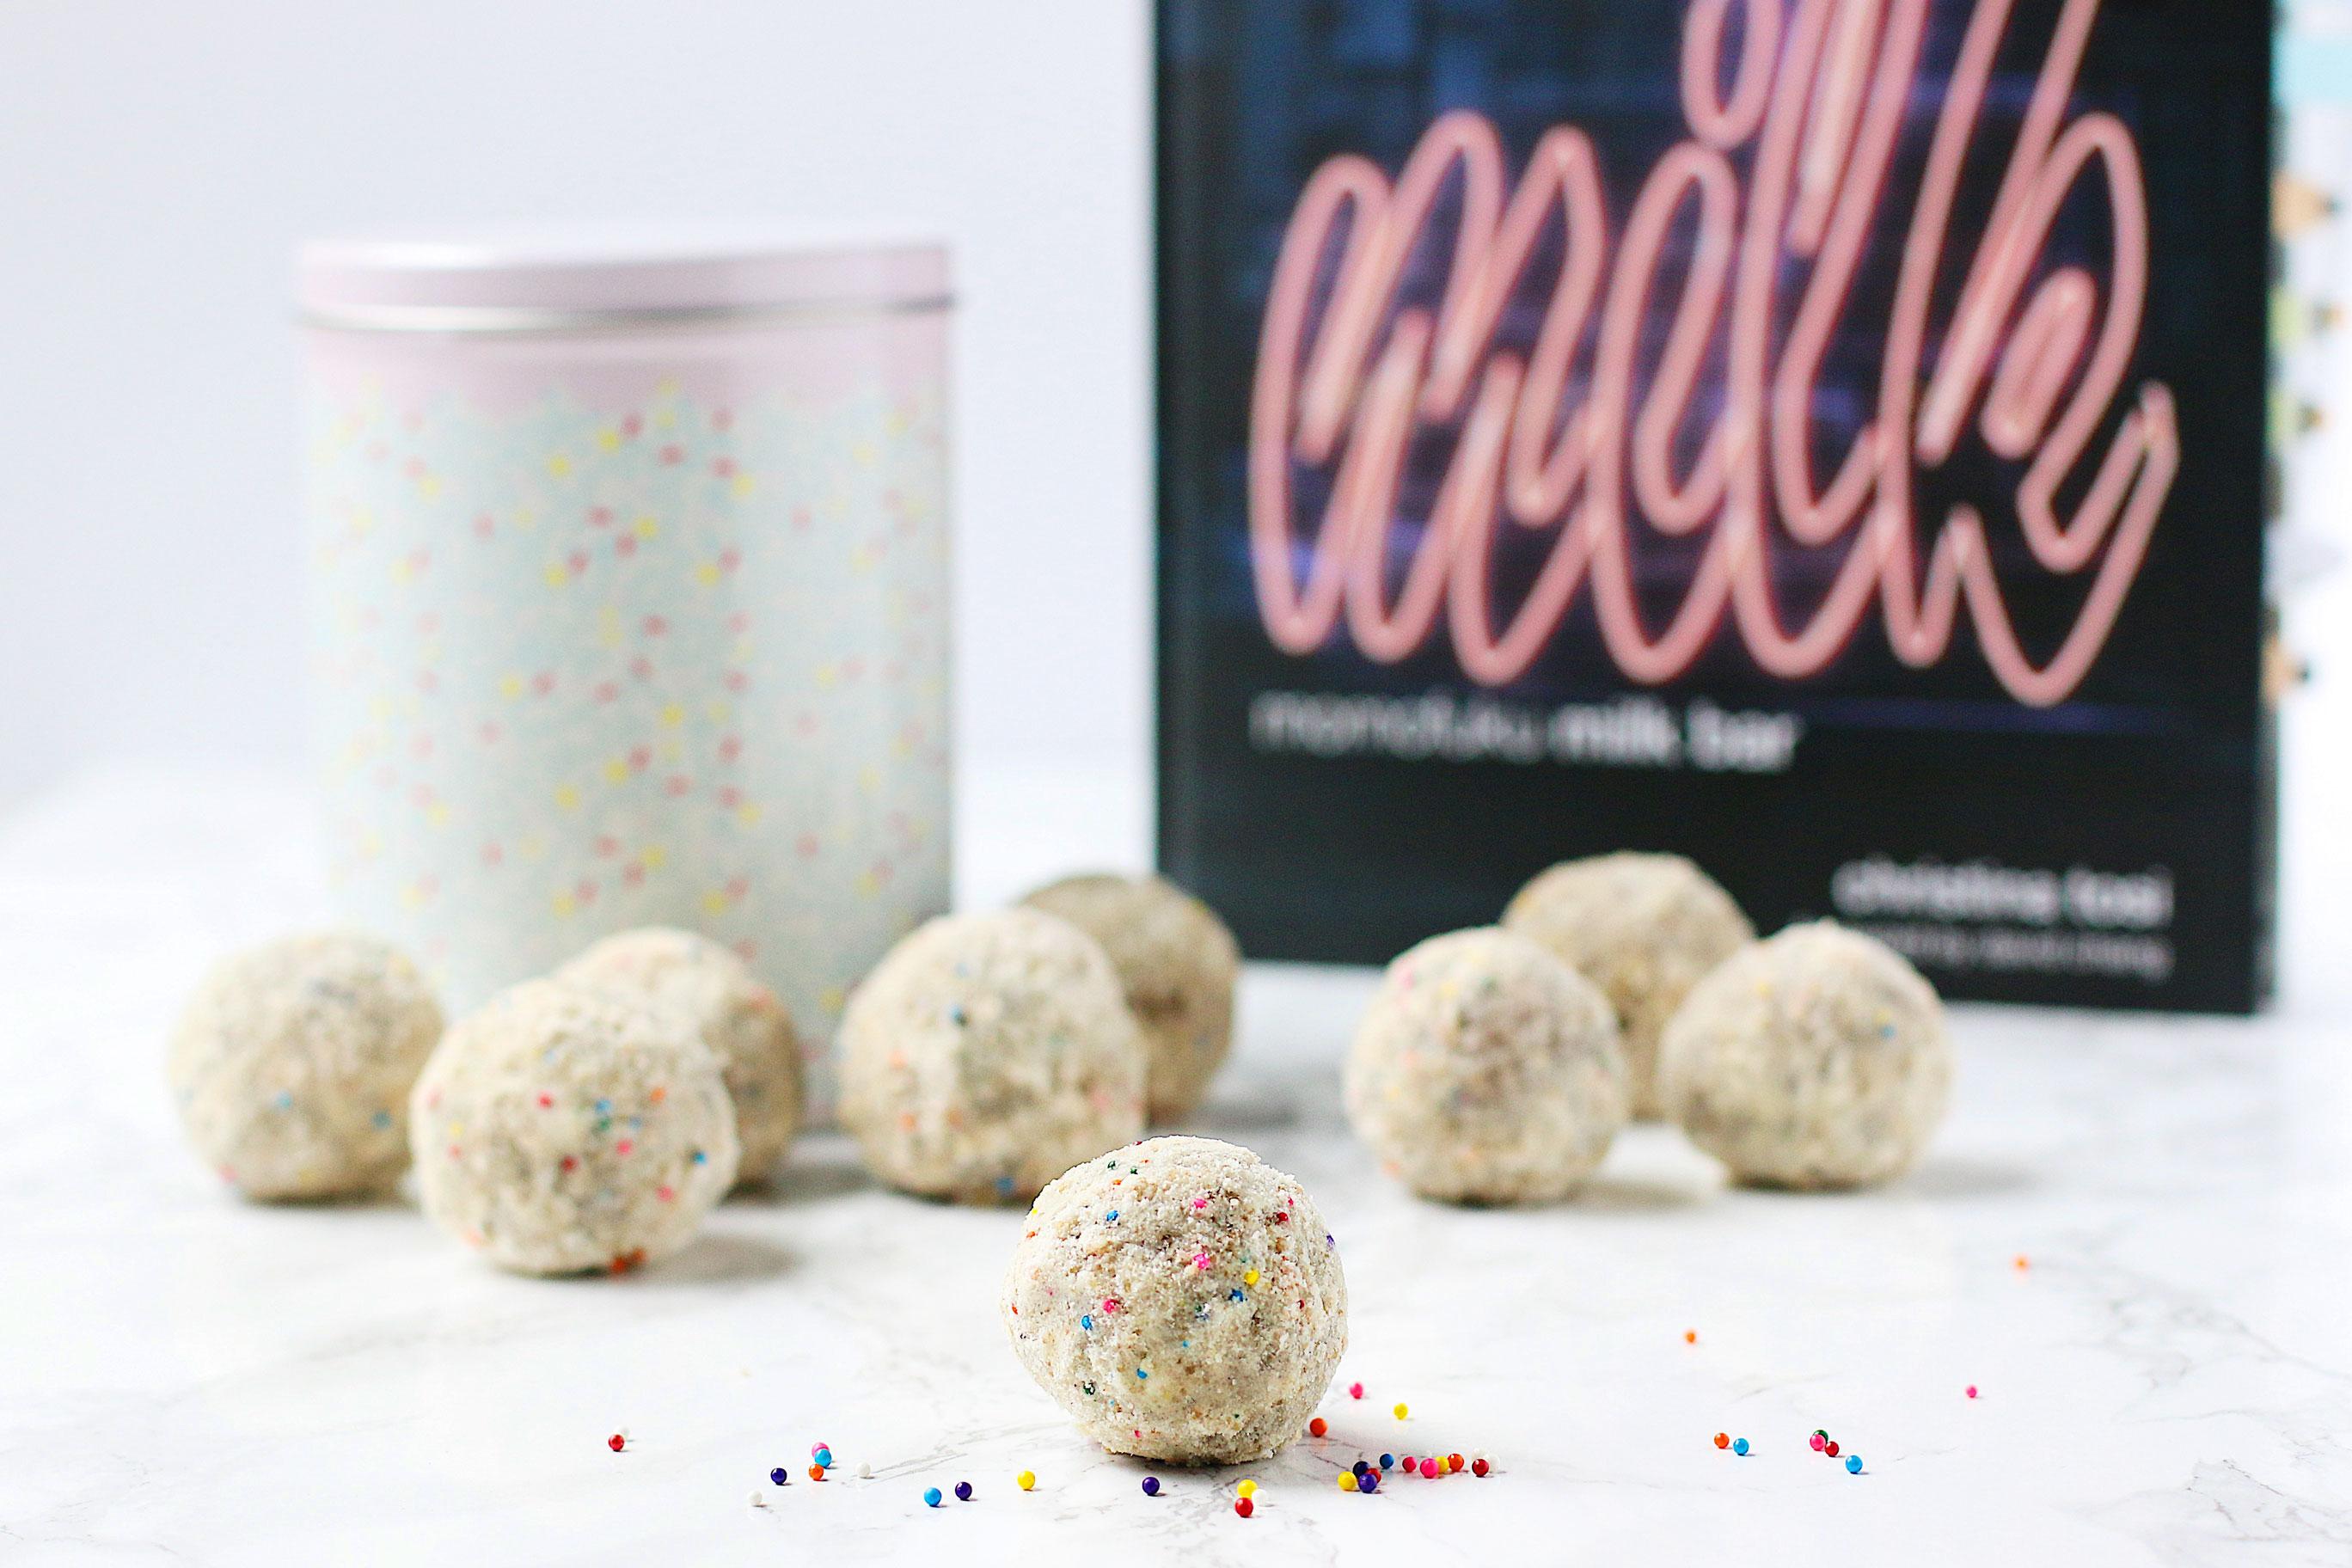 momofuku-milk-bar-b-day-truffles-birthday-cake